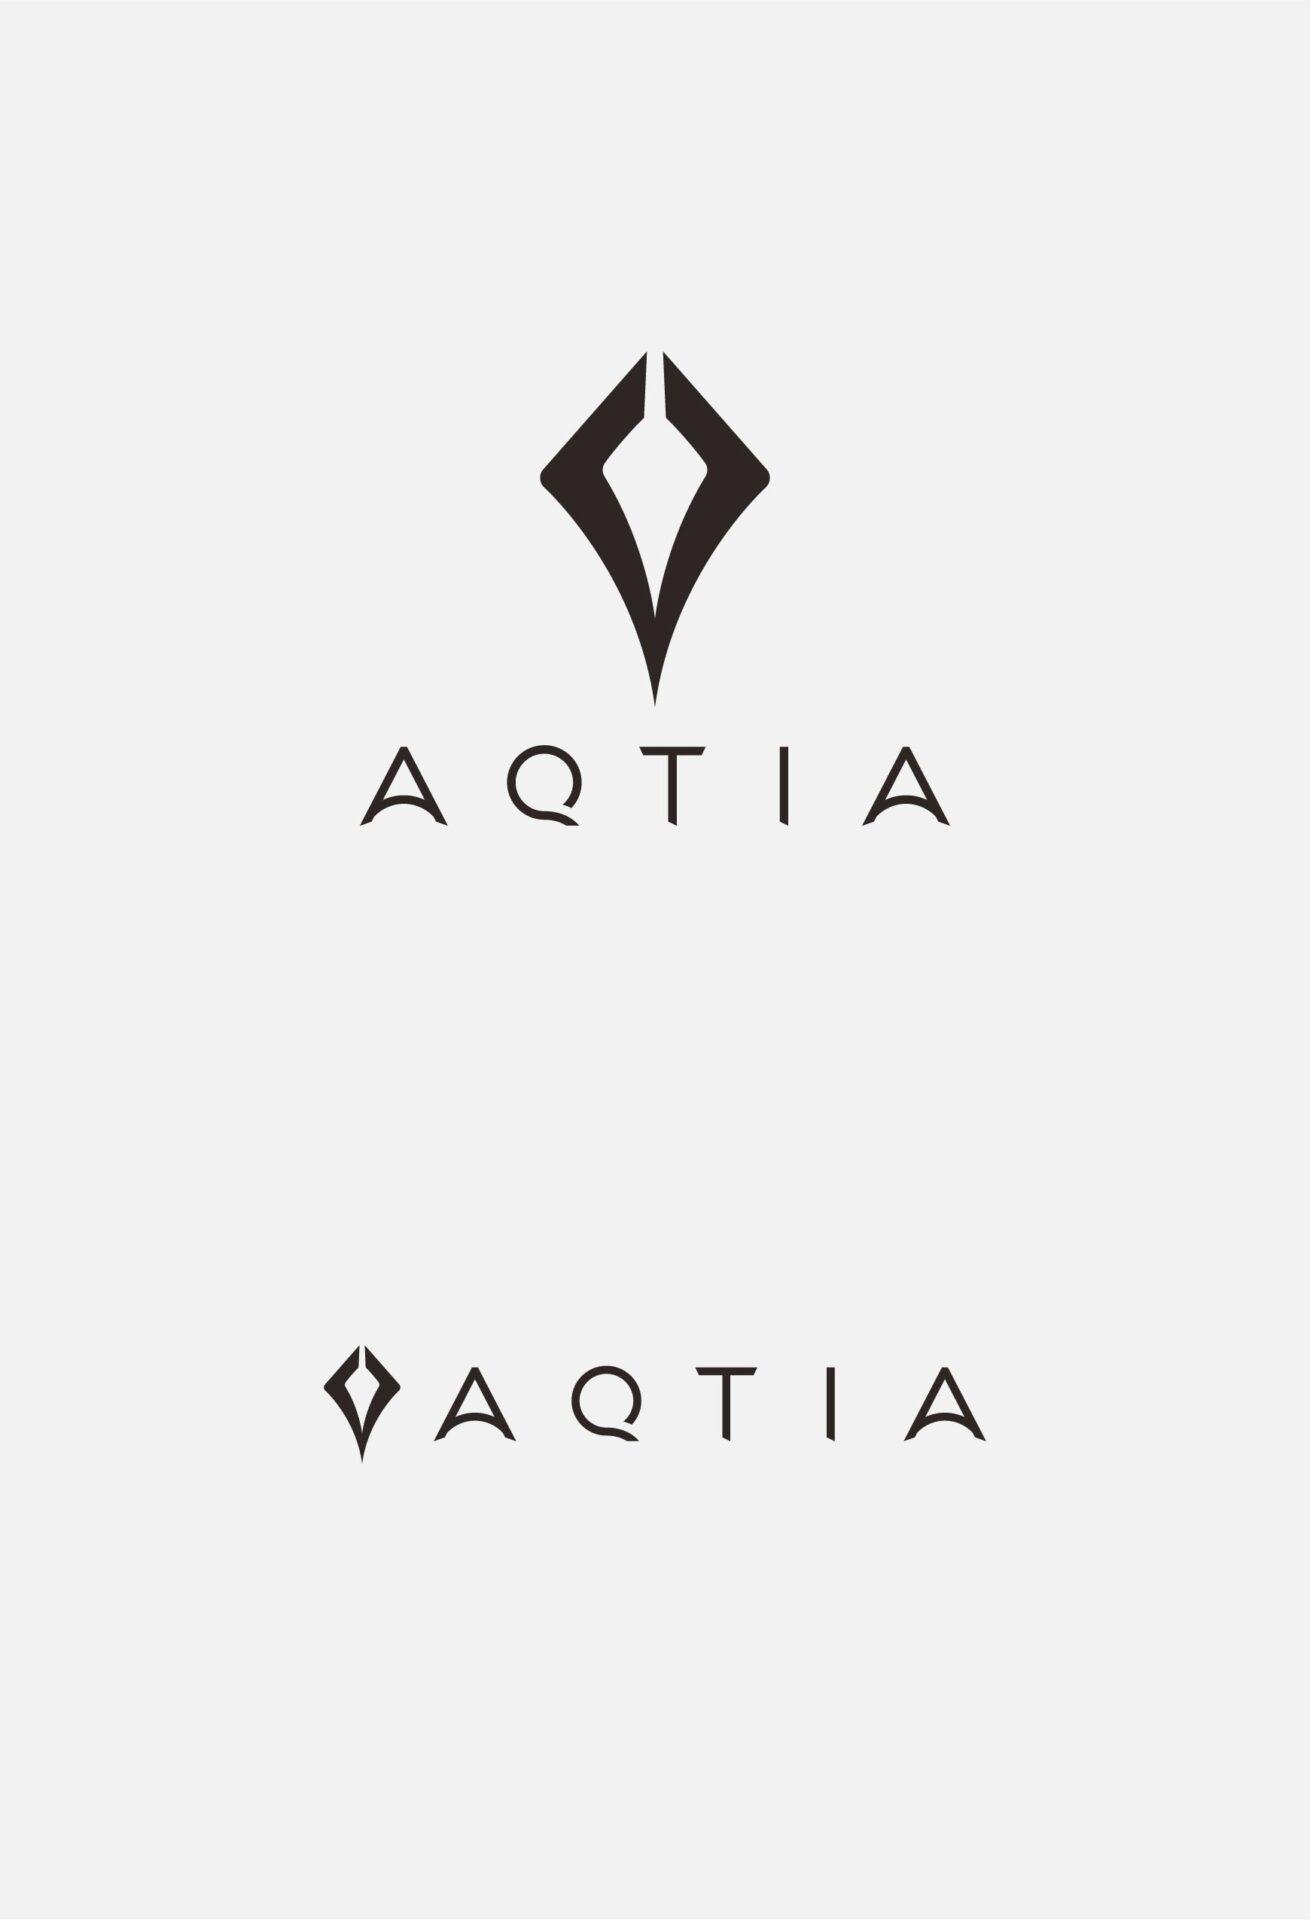 「AQTIA」の実績画像